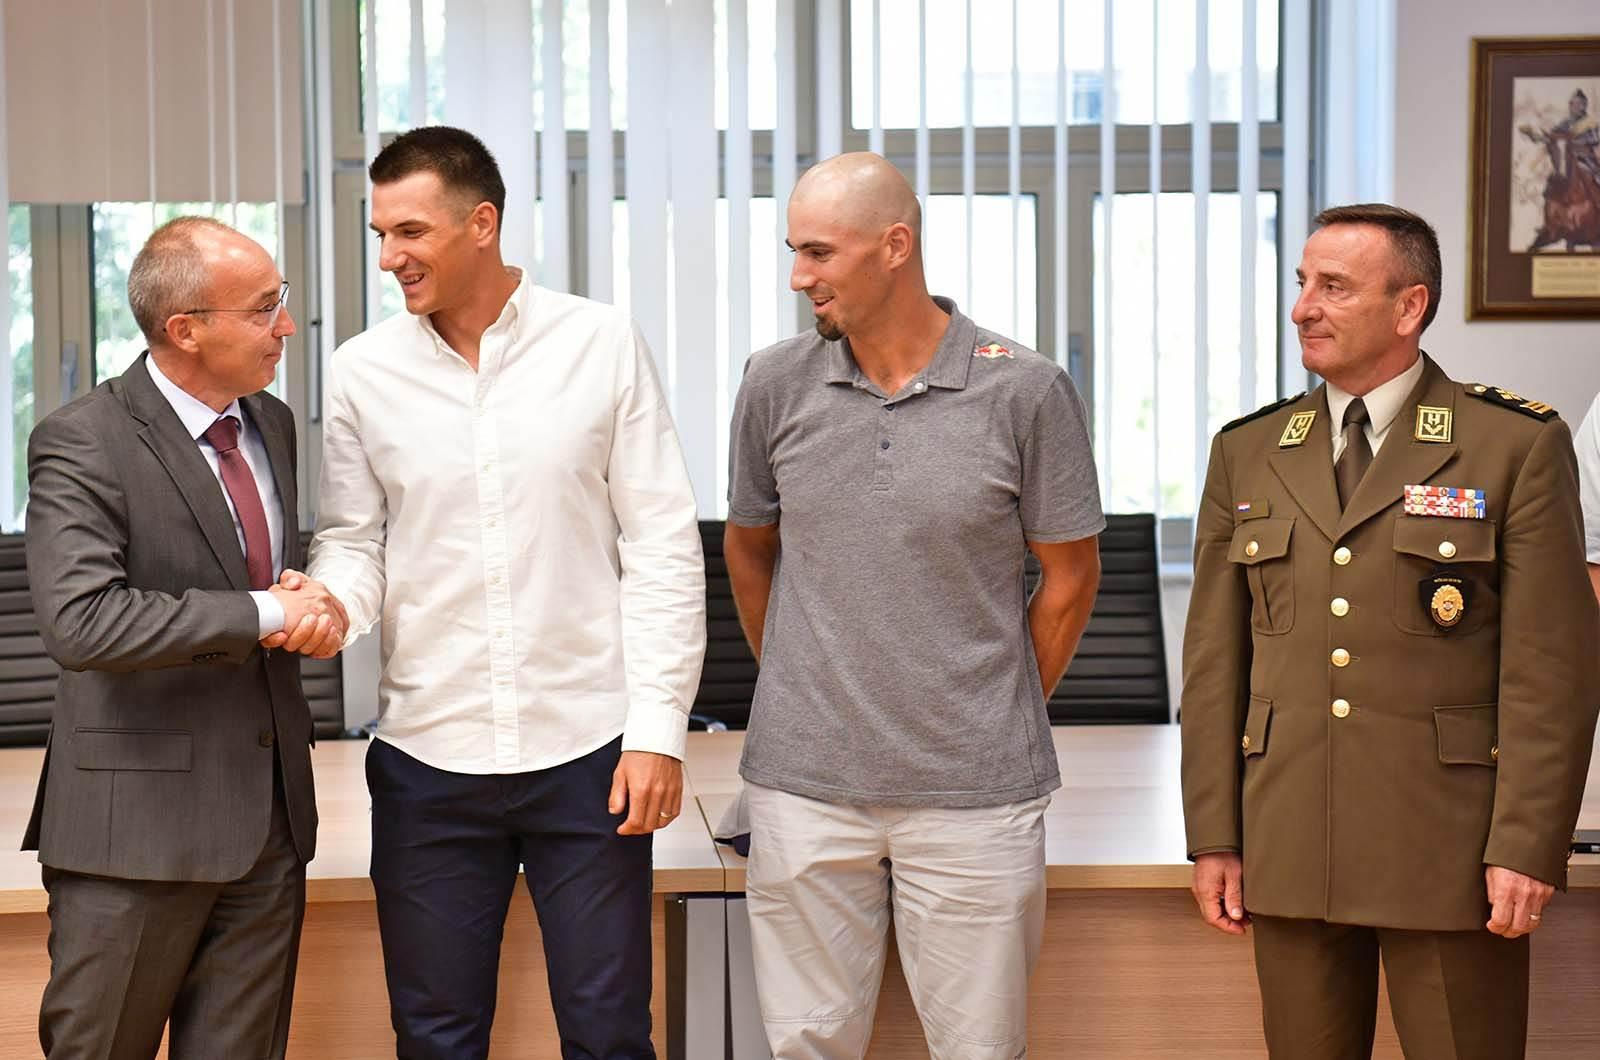 Braća Sinković s ministrom Krstičevićem i generalom Šundovom